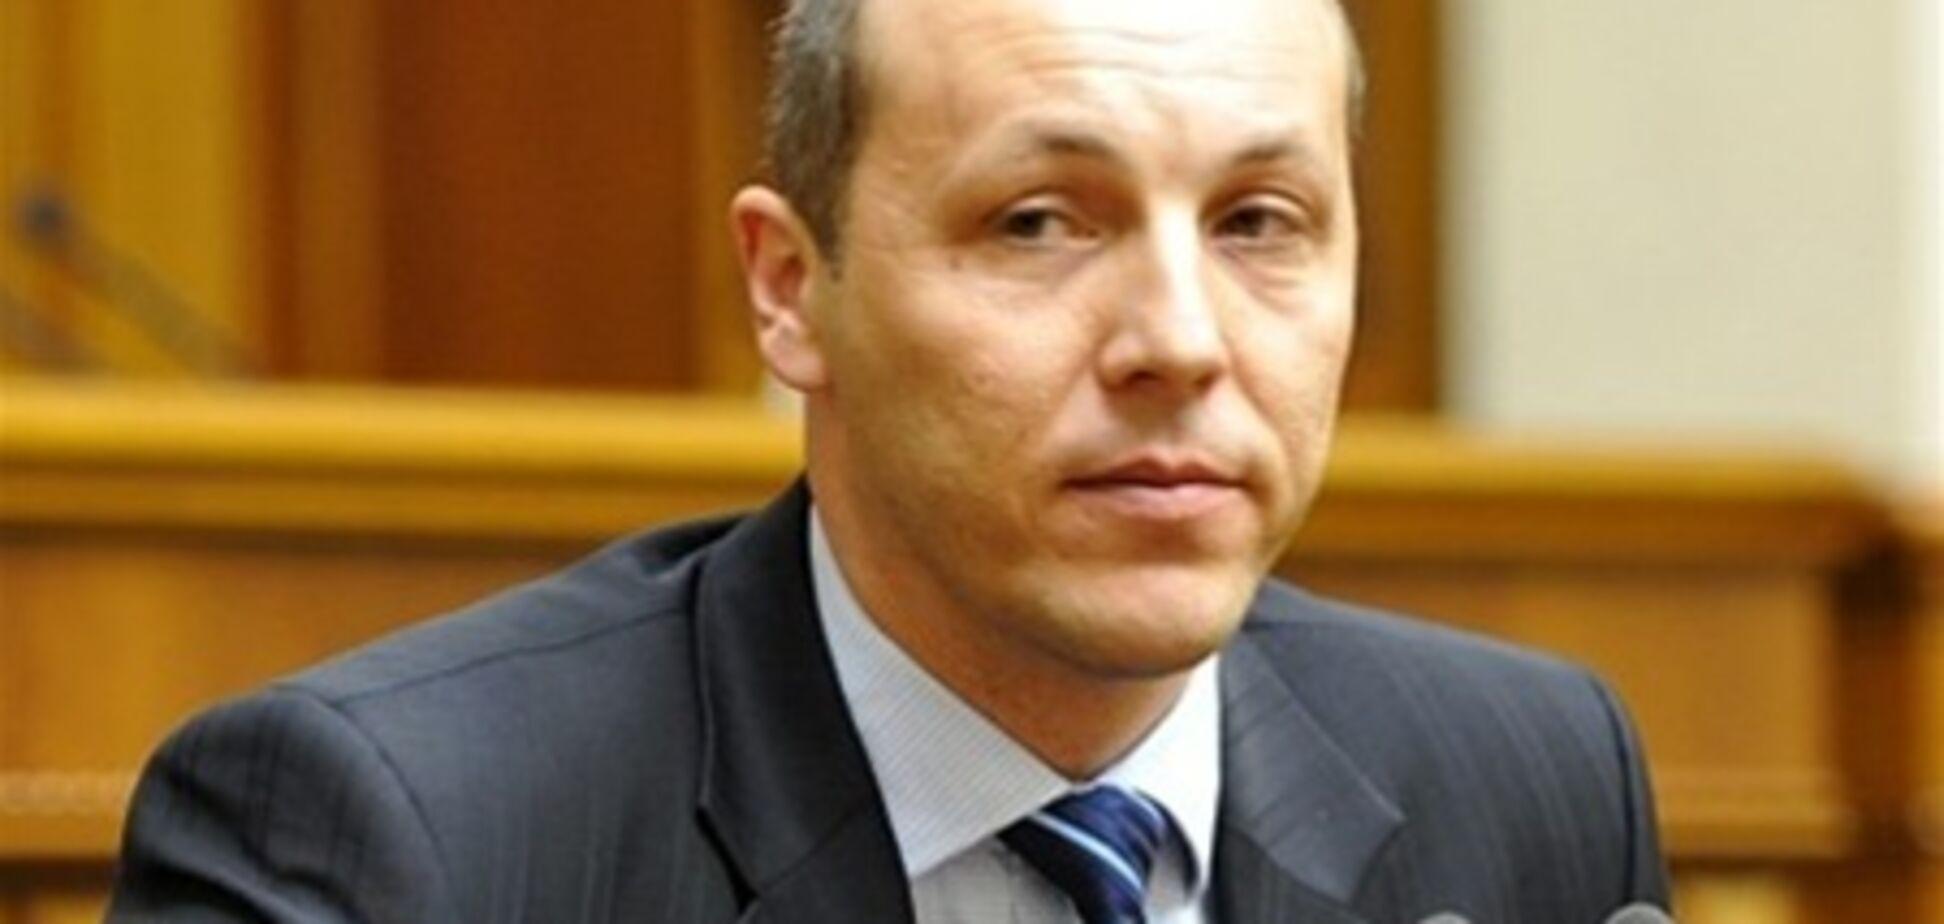 Відносини України та ЄС будуть заморожені до рішення Європейського суду - нардеп